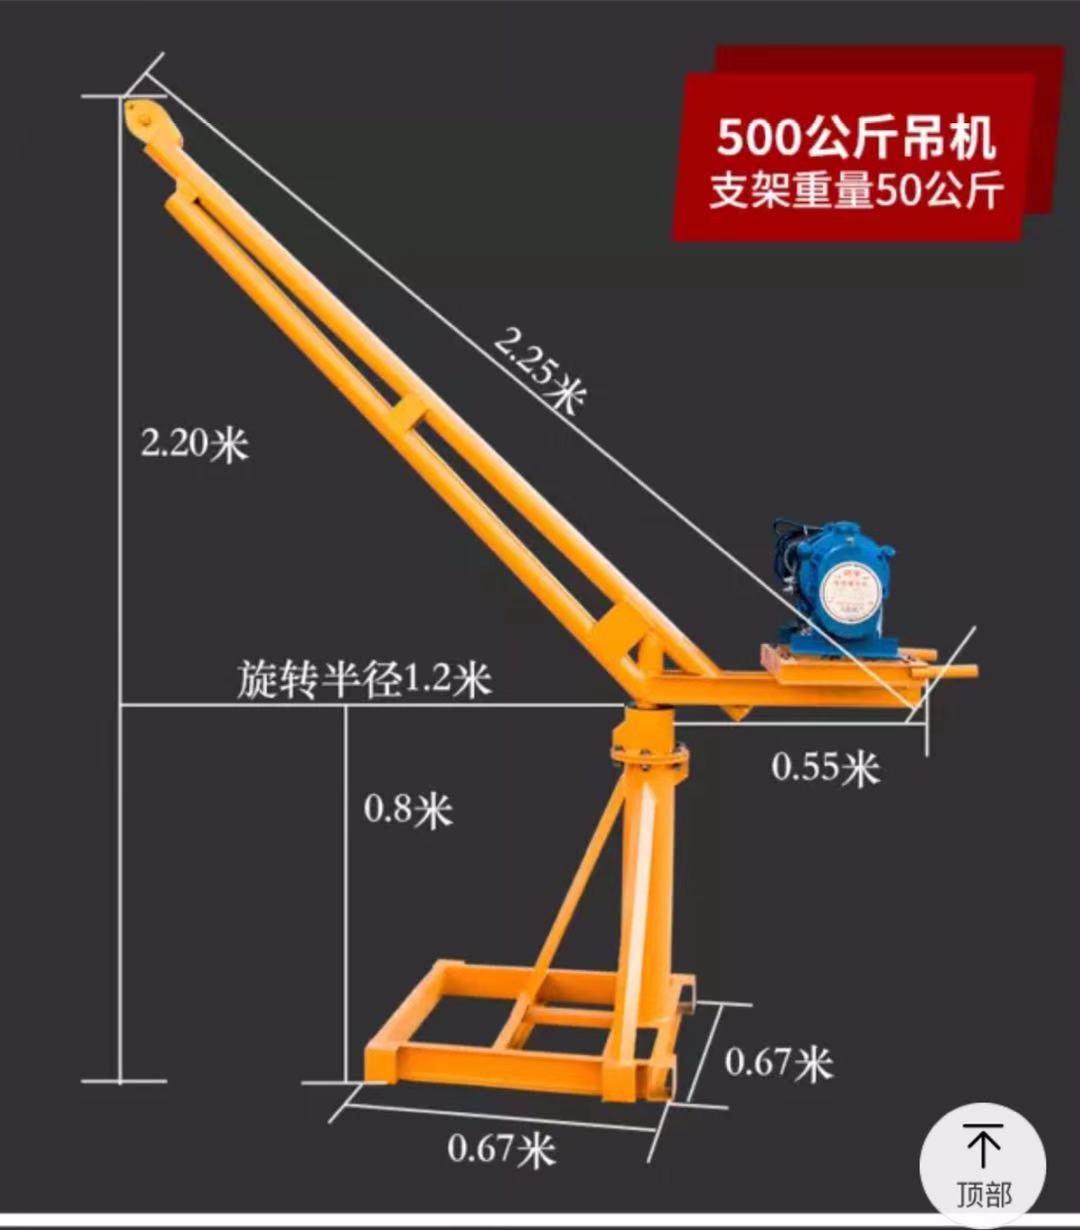 500KG frame.jpg